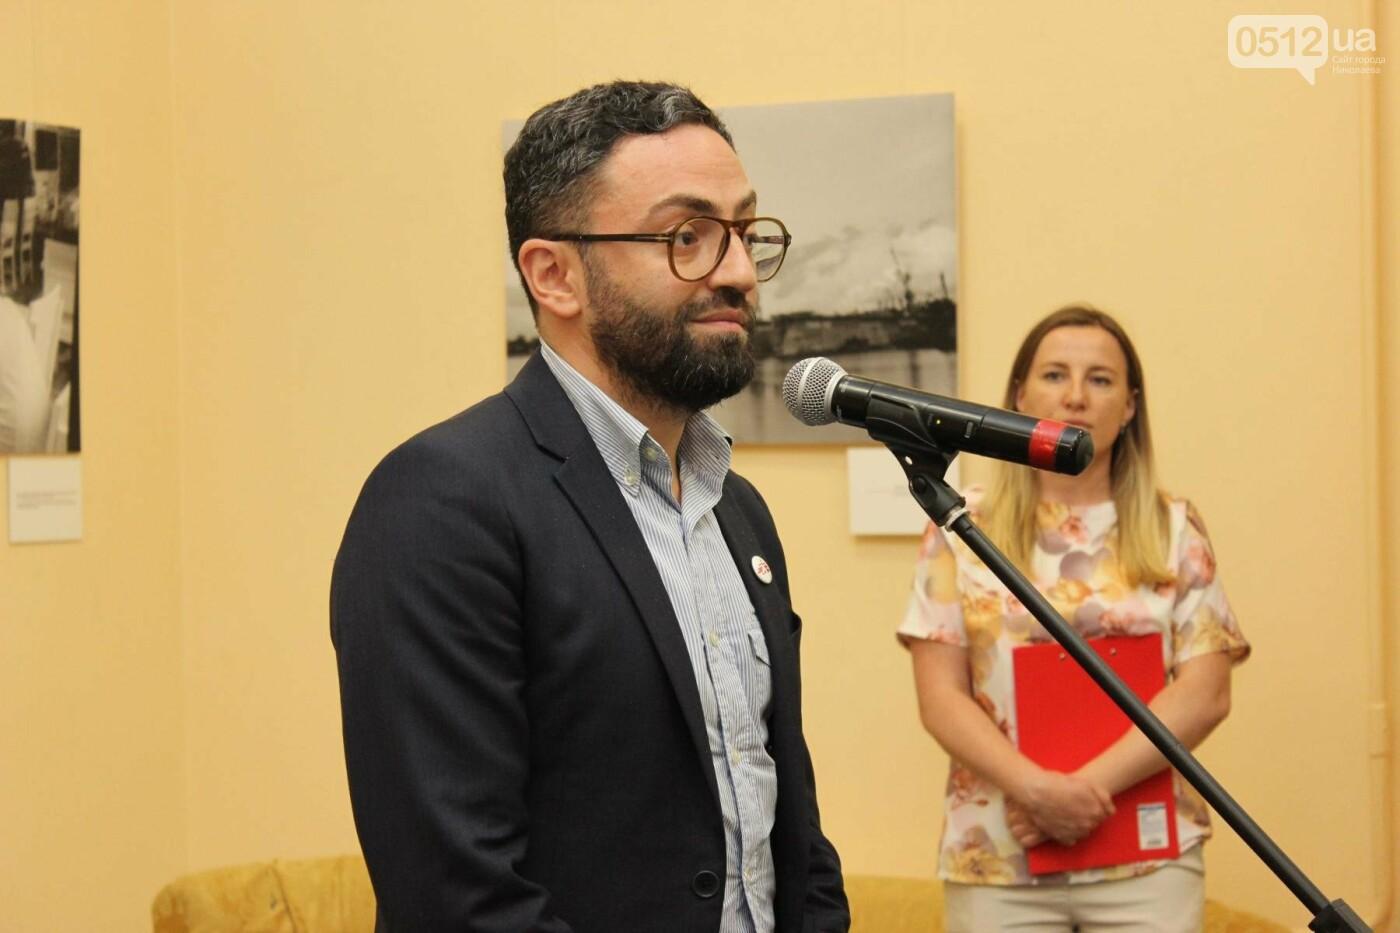 В Николаеве прошла фото-выставка людей, которые борются за жизнь, - ФОТО, фото-6